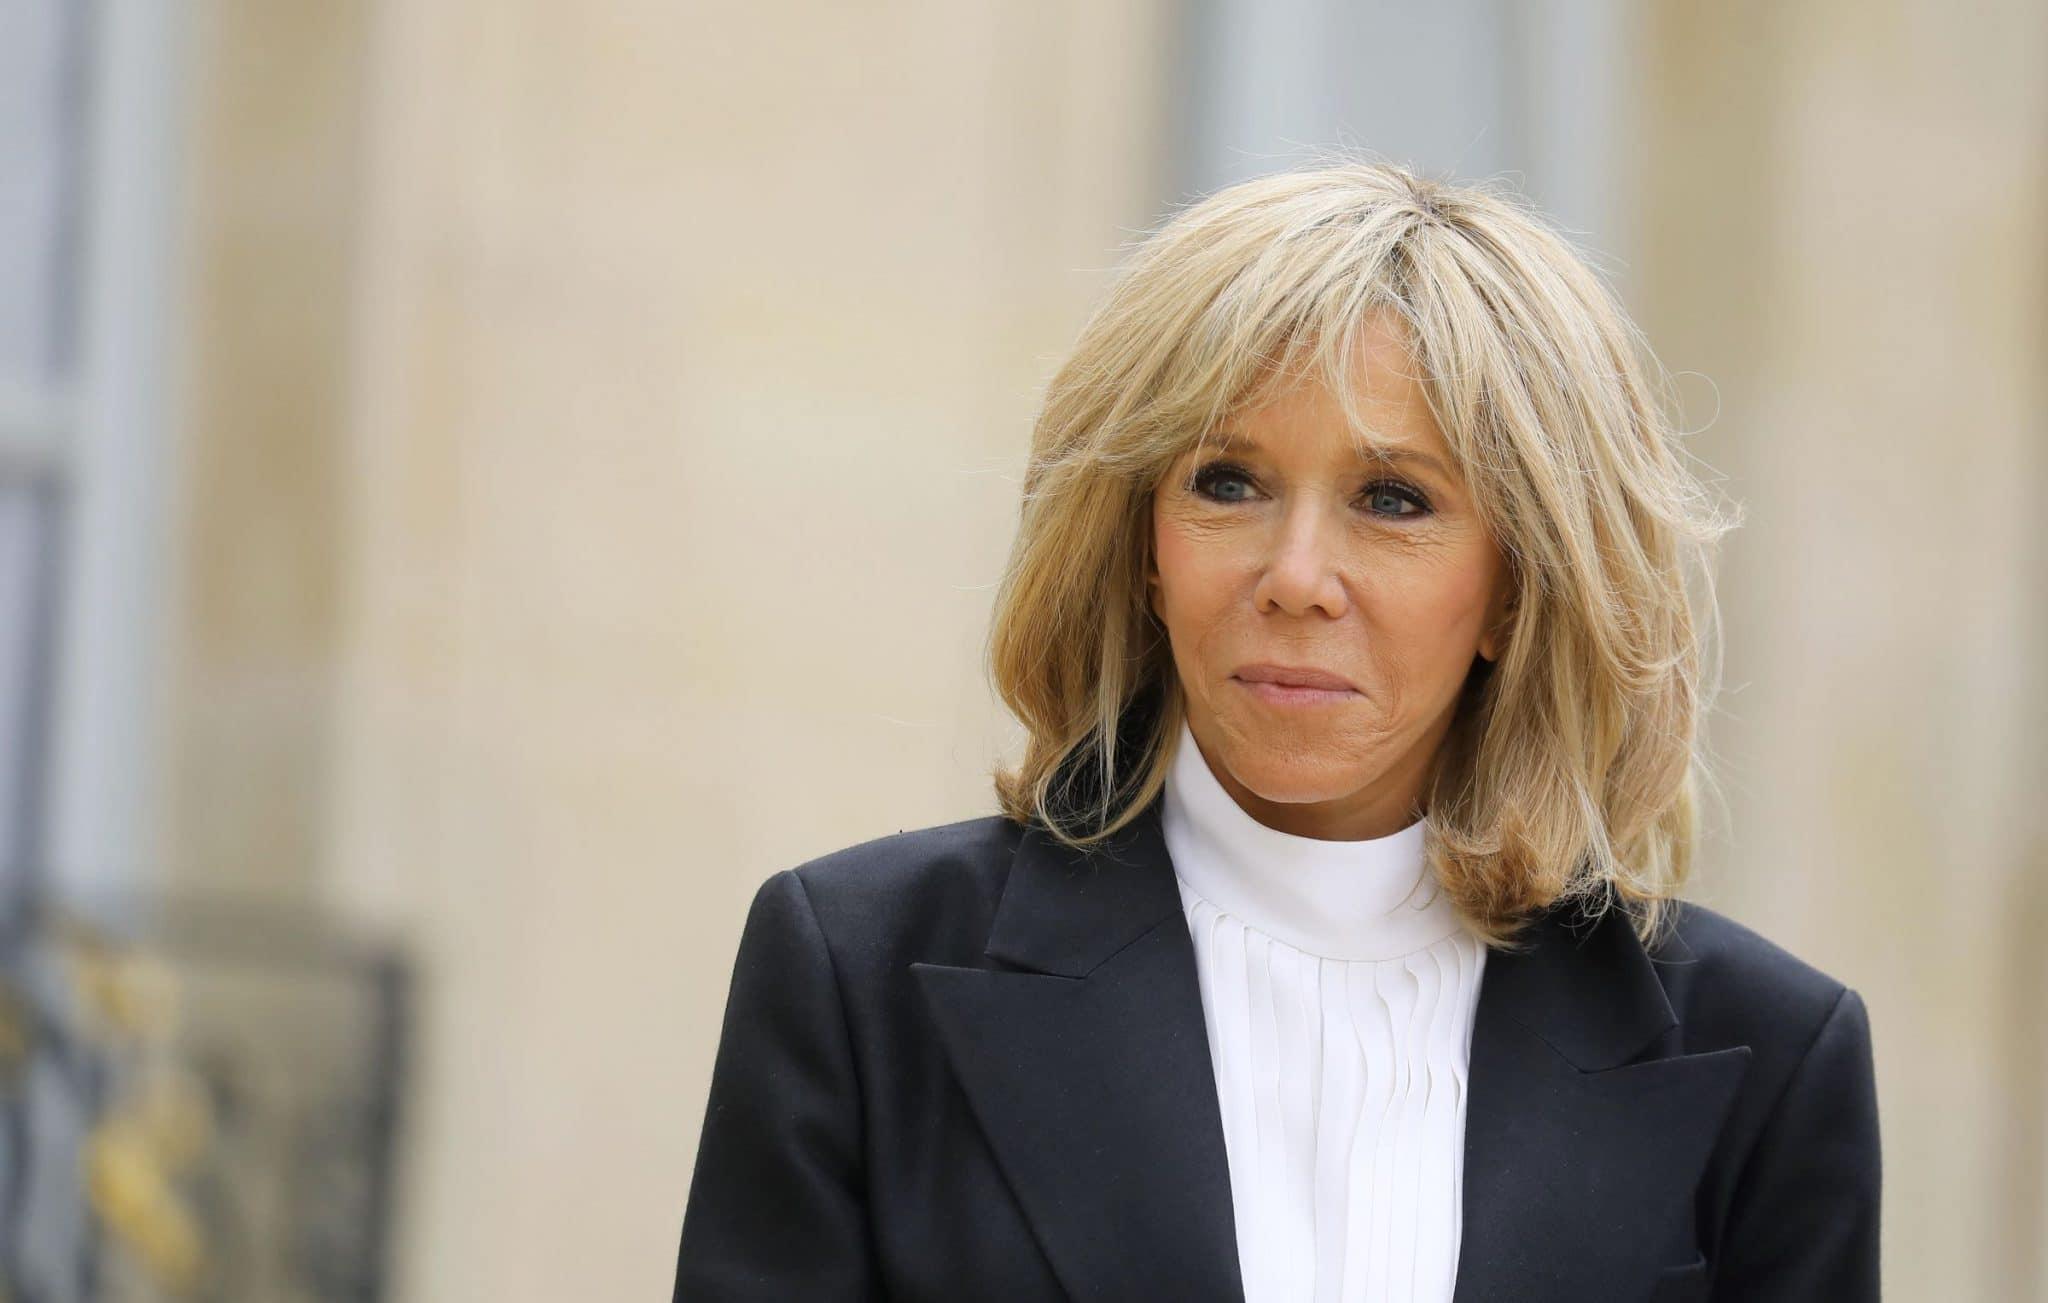 Brigitte Macron en confinement : comment se déroulent ses journées ?